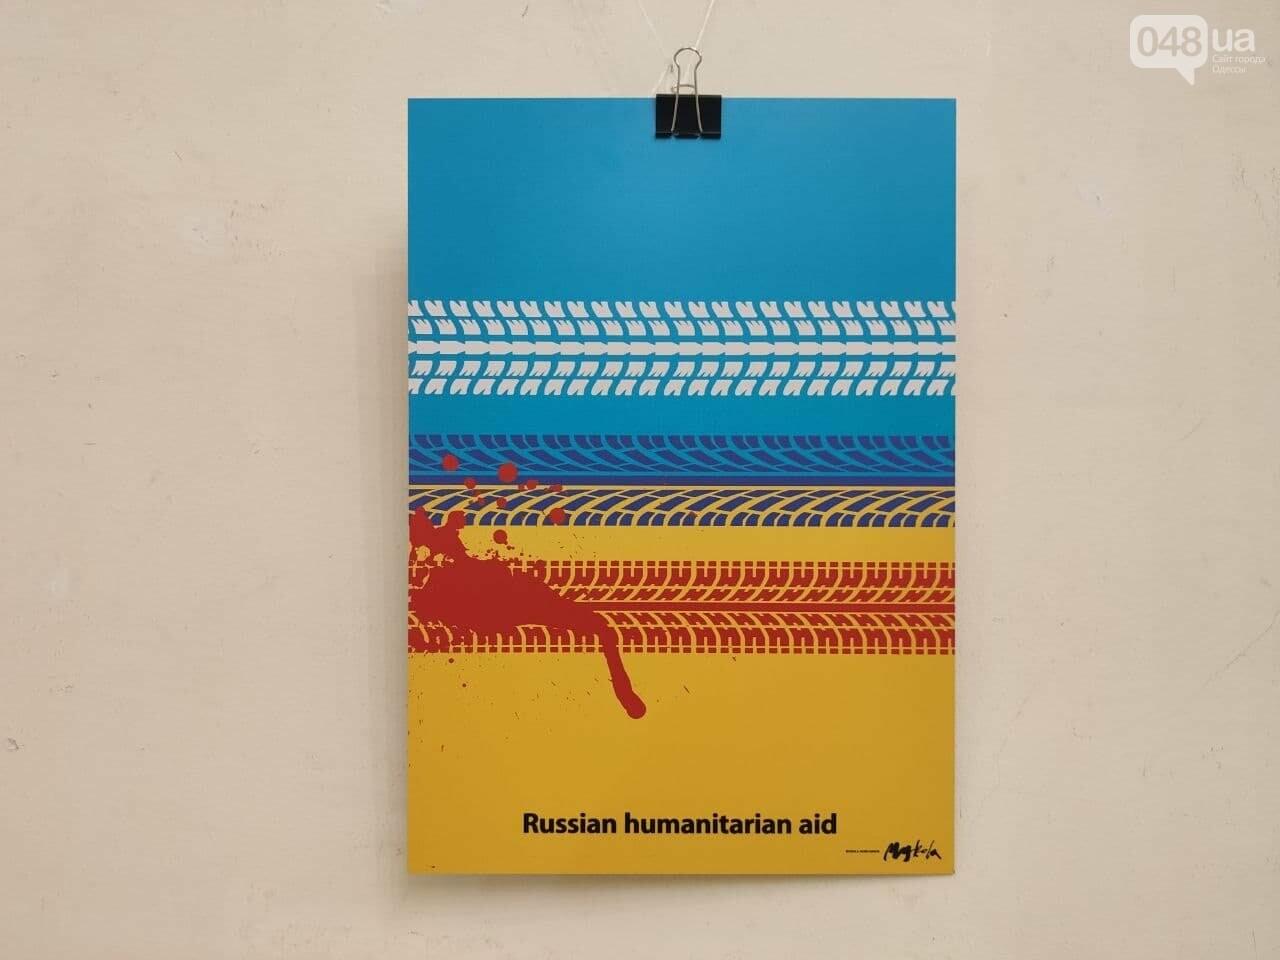 Рефлексия на события Майдана: в Одессе открылась выставка ко Дню Достоинства и Свободы, - ФОТОРЕПОТАЖ, фото-4